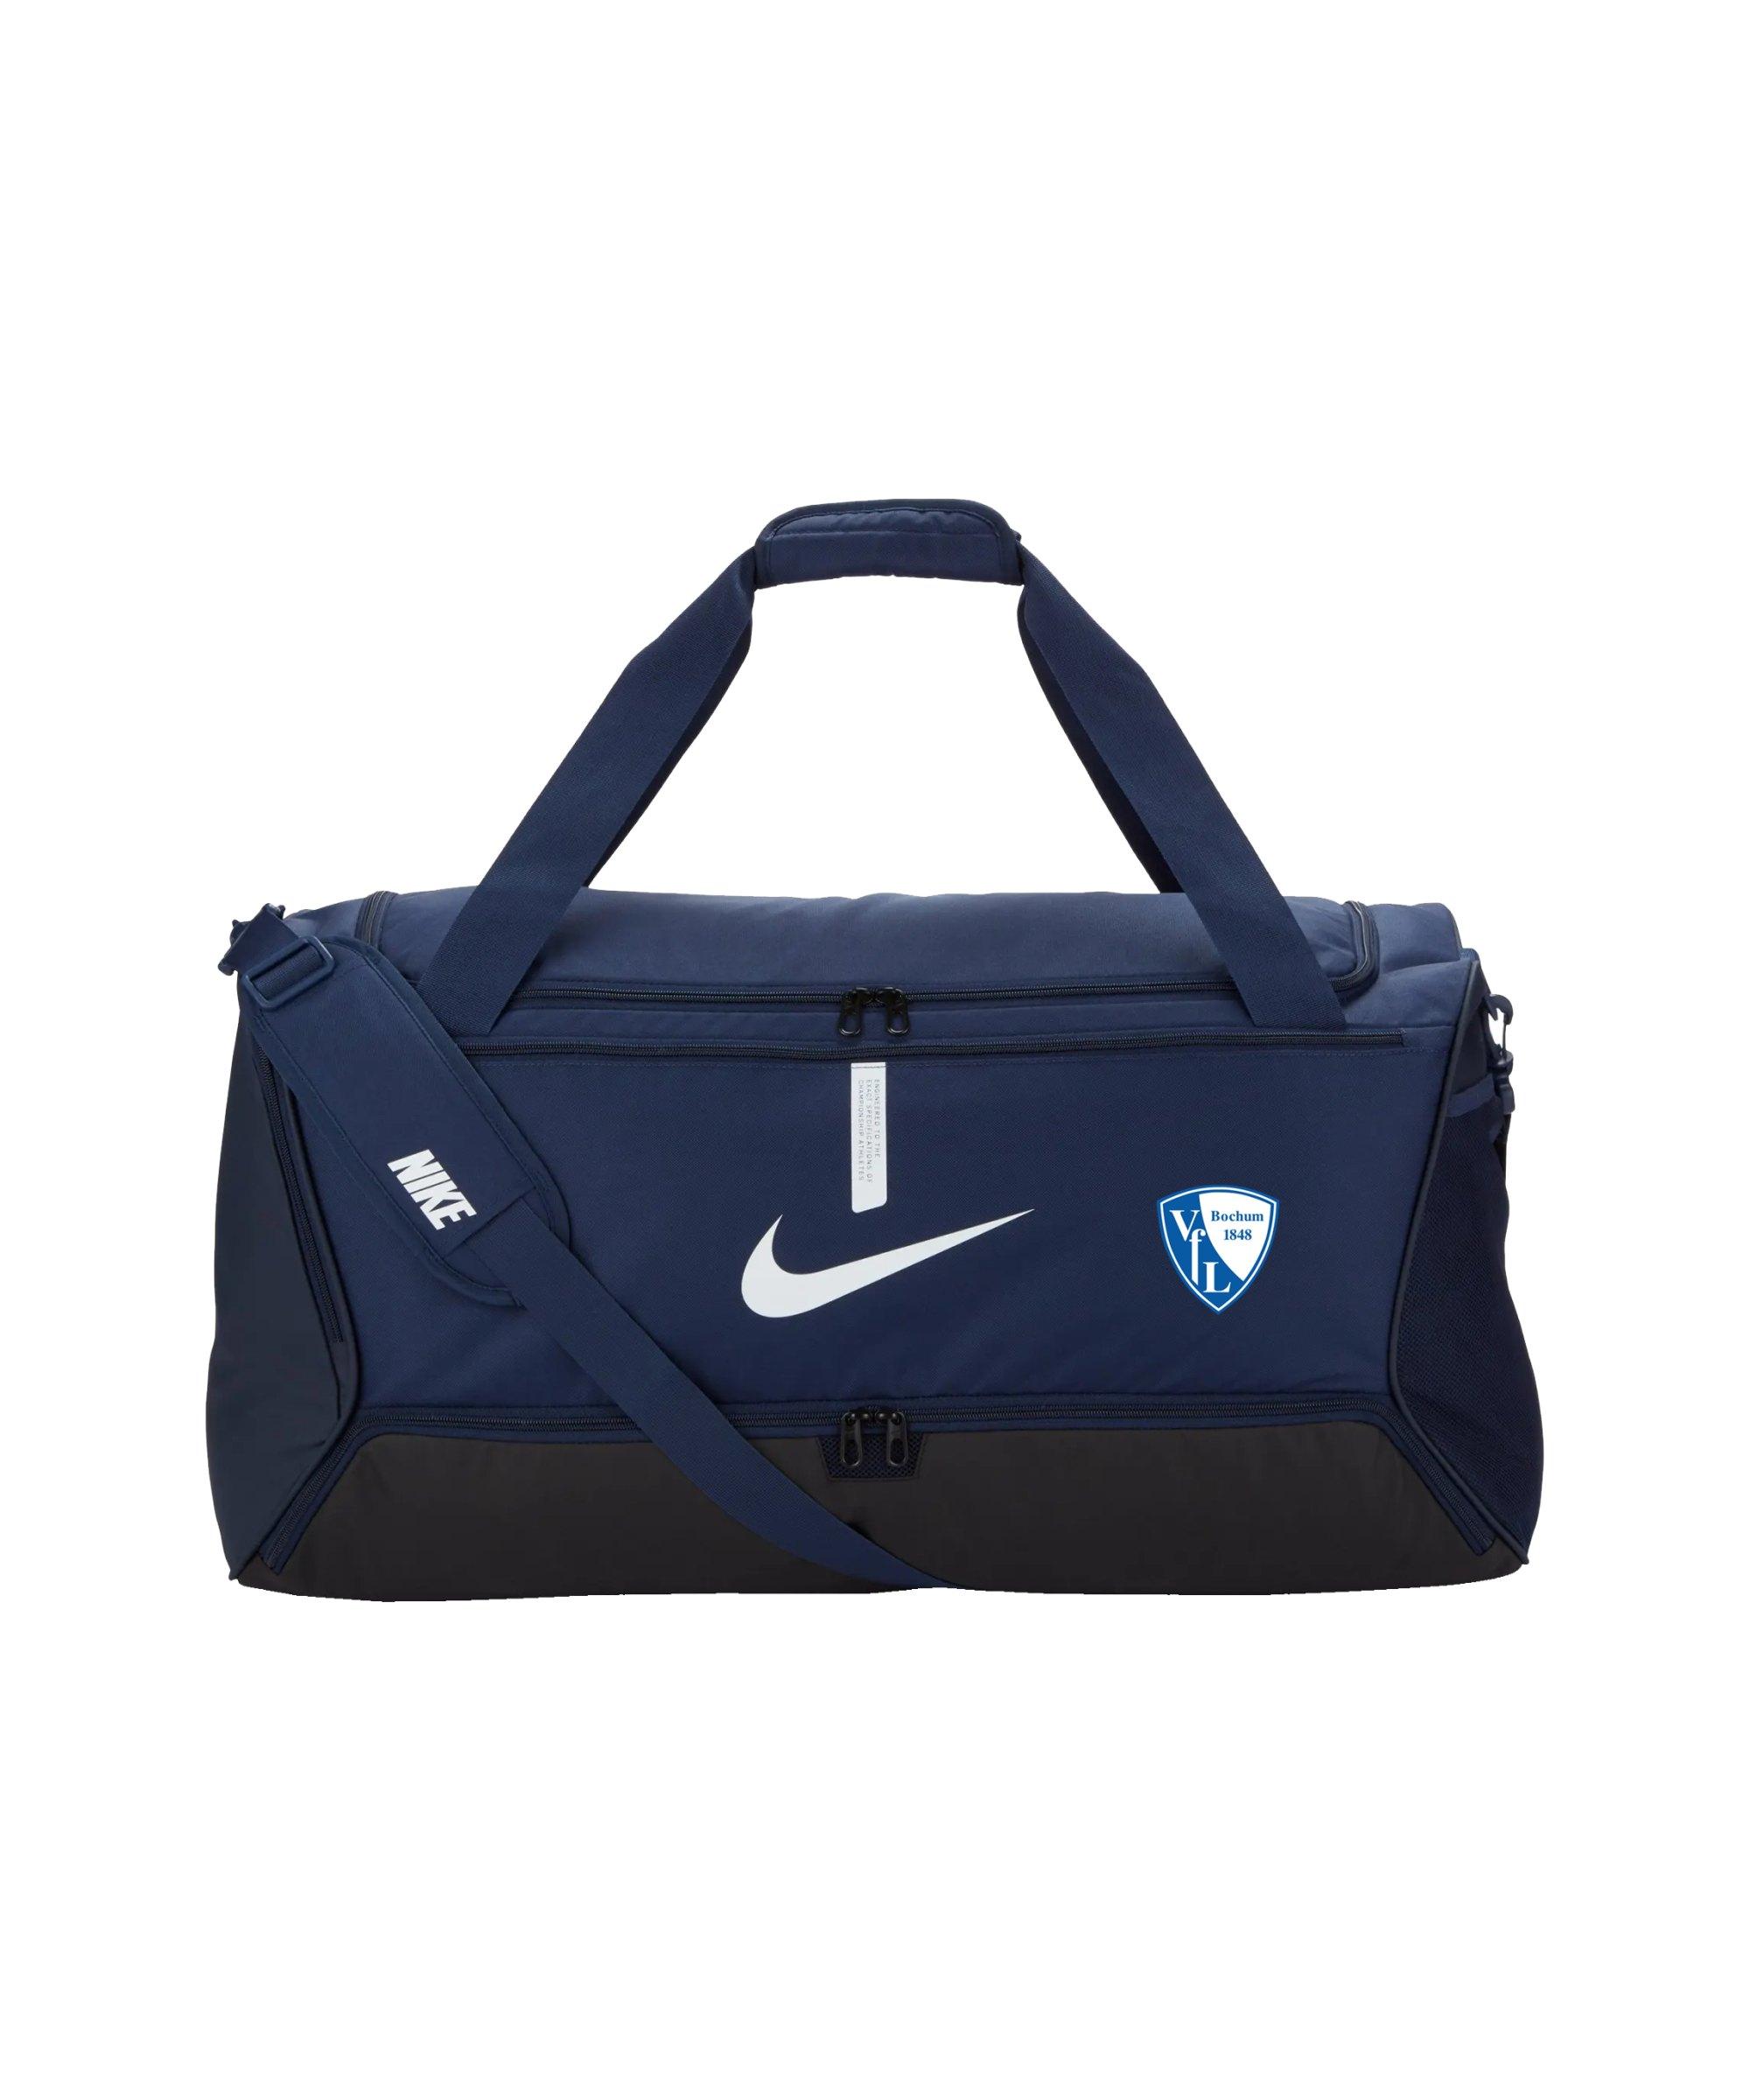 Nike VfL Bochum Tasche Blau F410 - blau